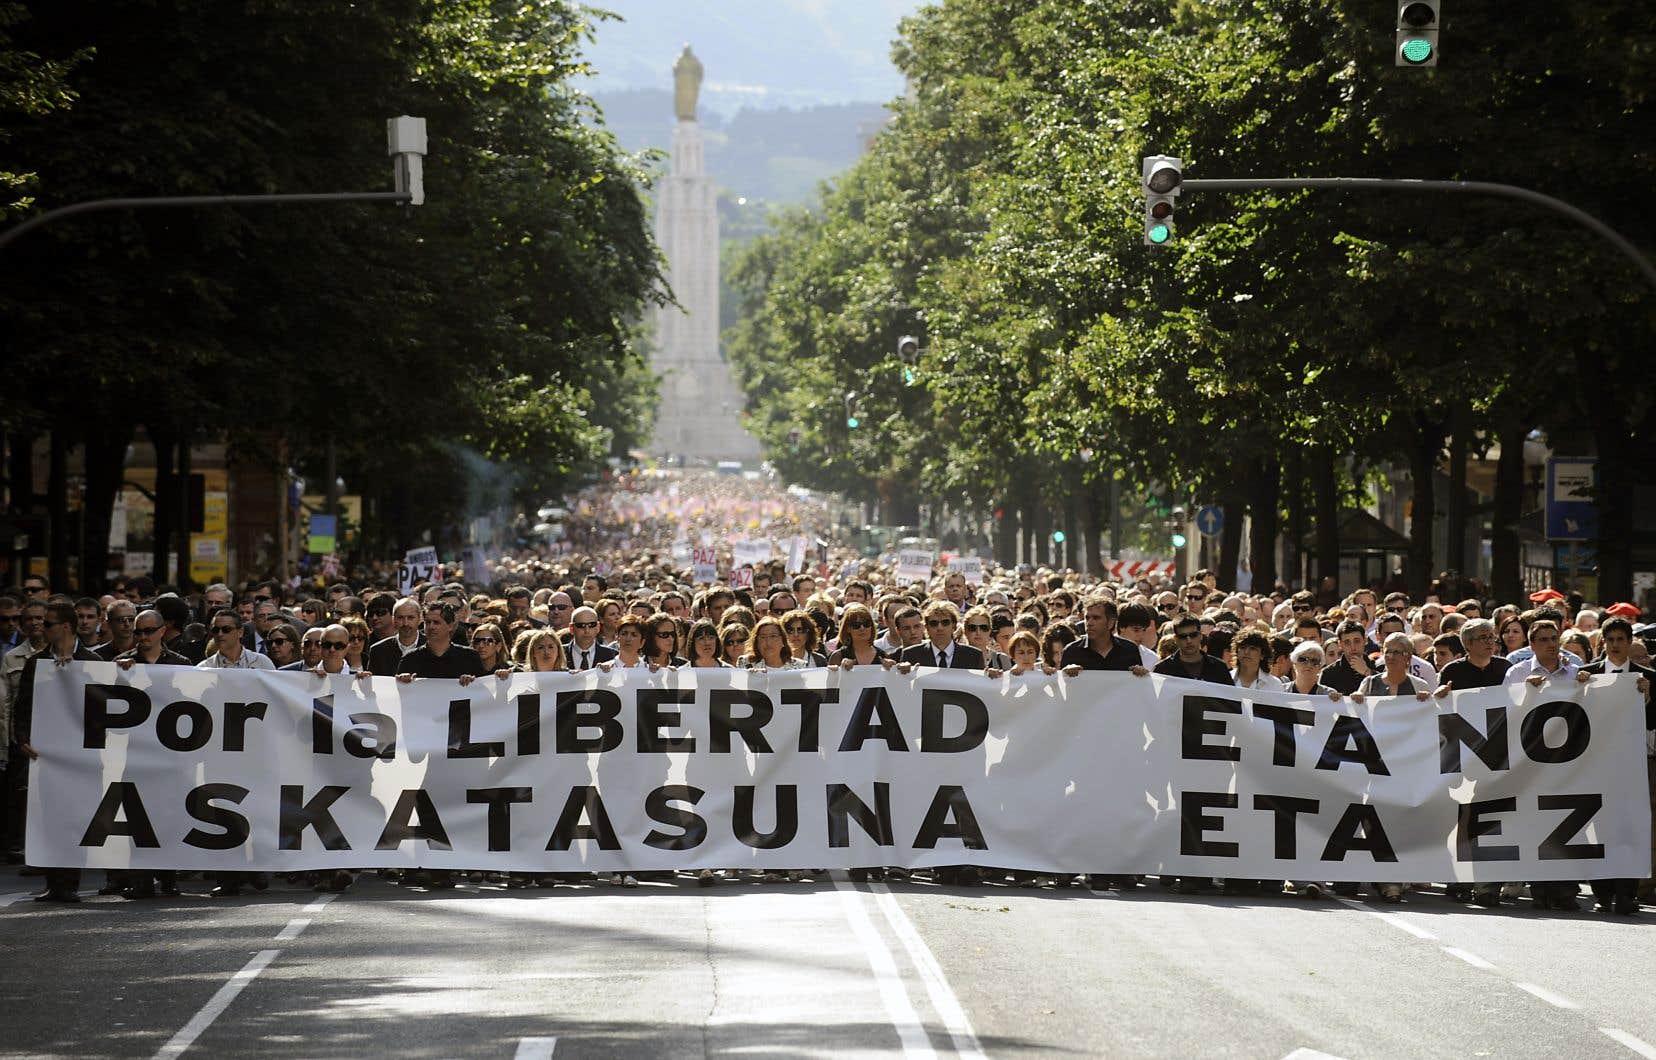 La mort d'un policier dans un attentat à la voiture piégée attribué à l'ETA à Bilbao, en 2009, avait provoqué une vaste réponse populaire.